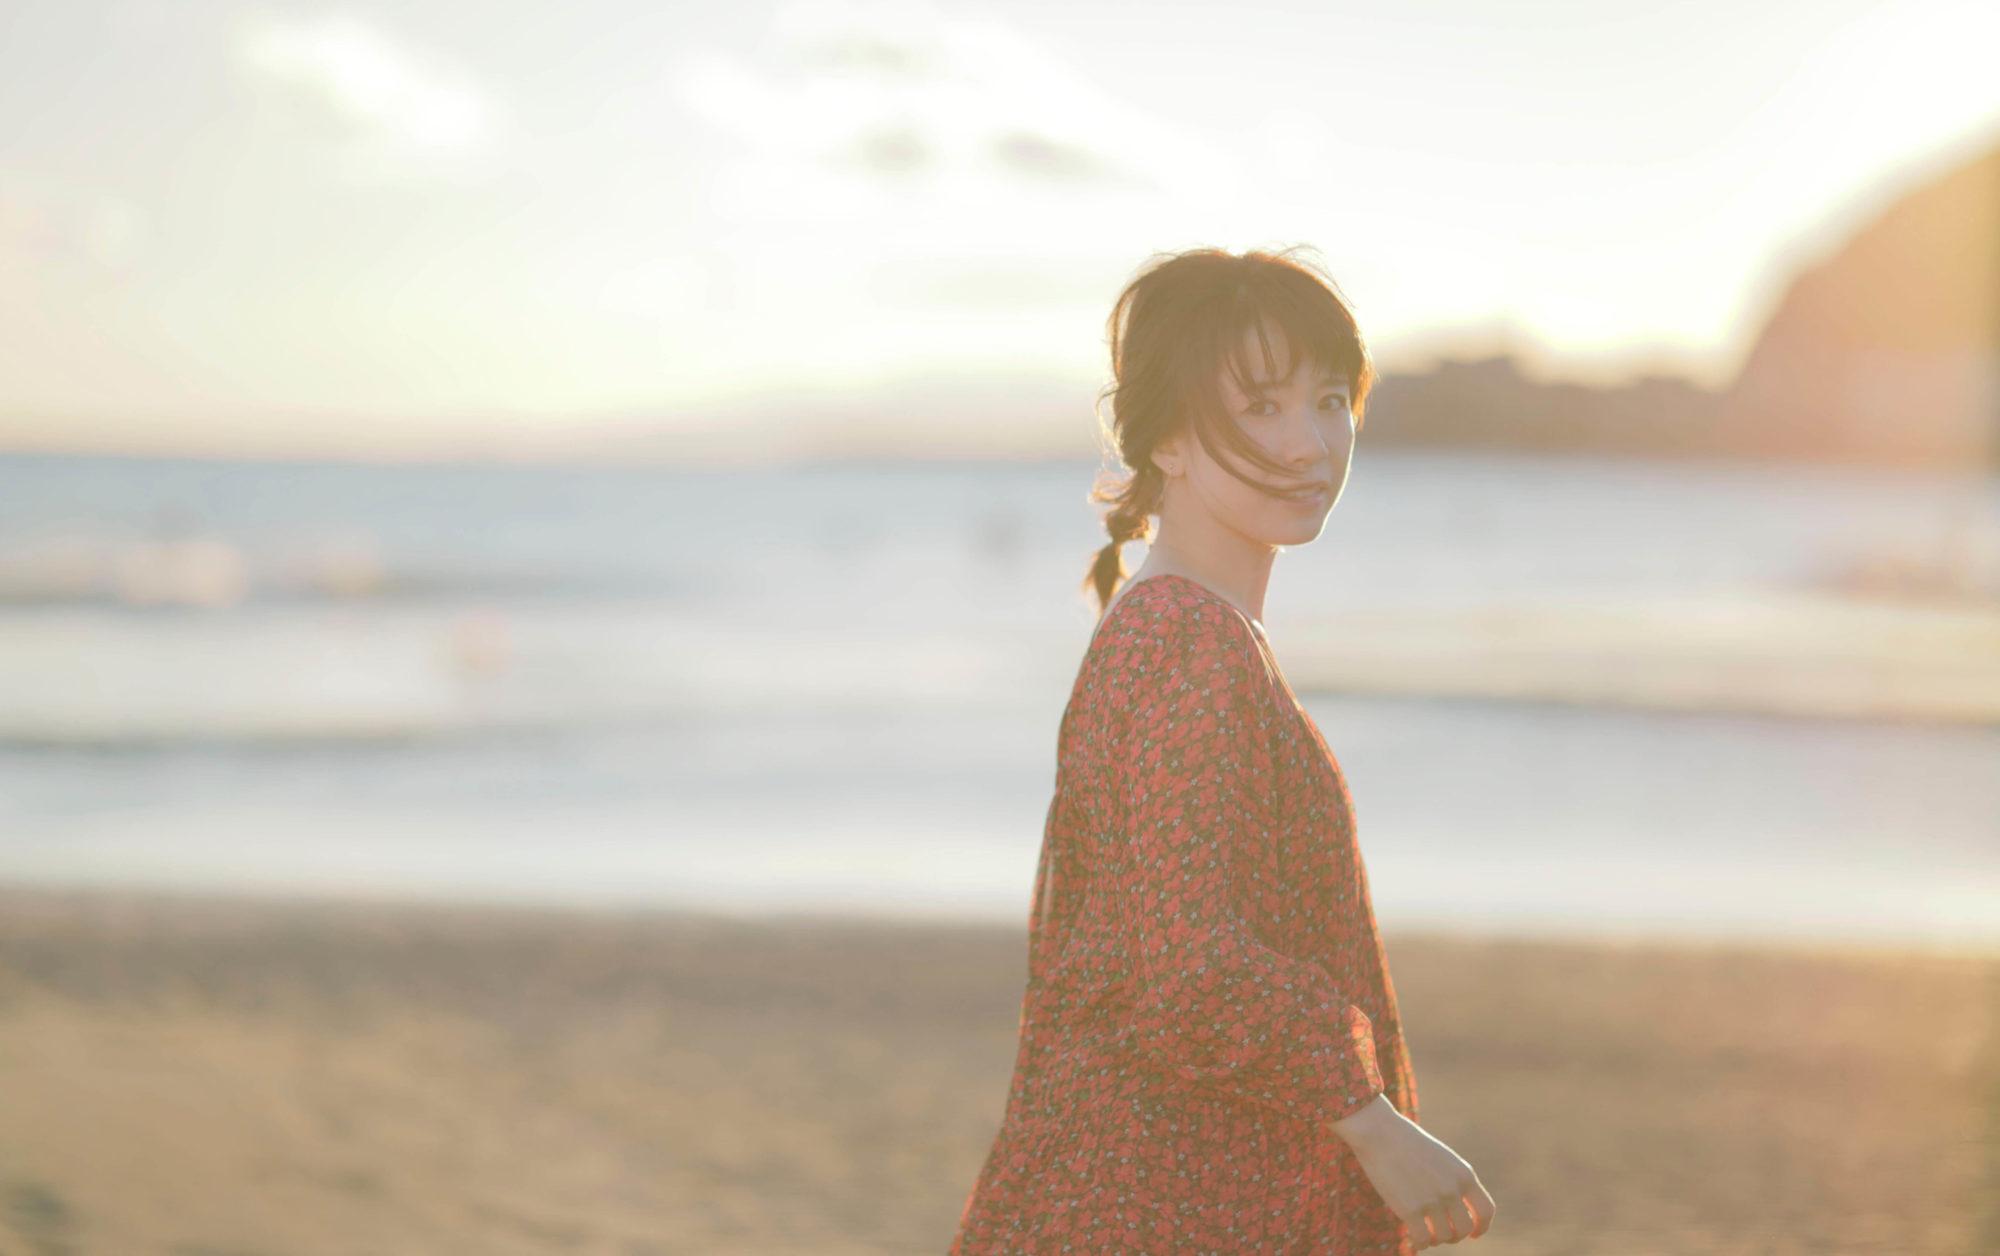 藤田麻衣子、初のYouTubeLIVE特番が1月16日配信決定